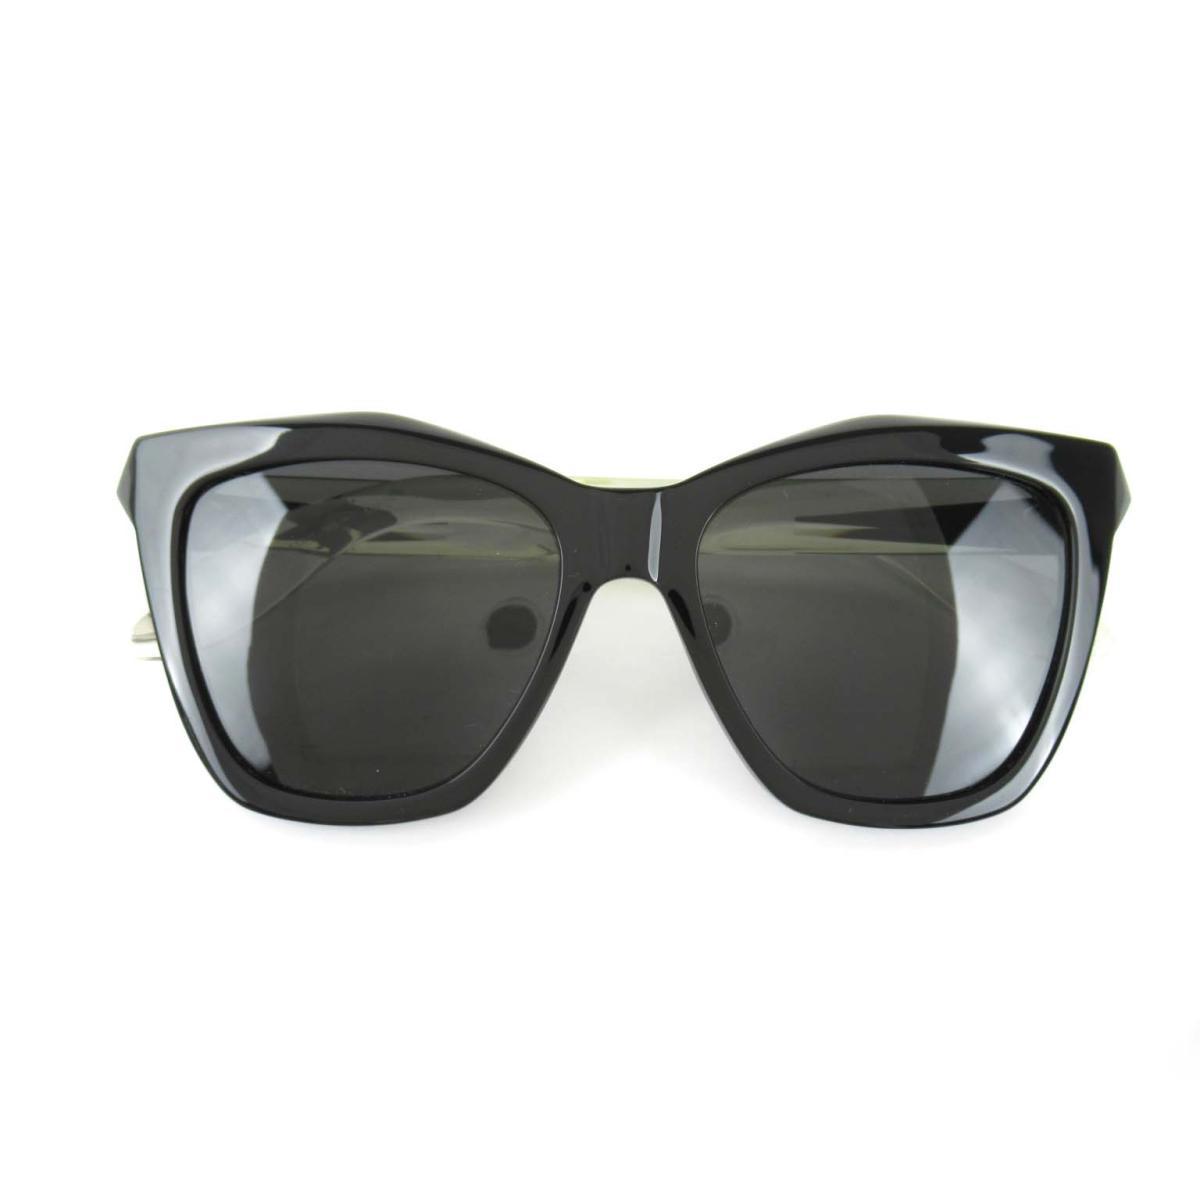 ジバンシー ブラッククリス サングラス スクエア メンズ レディース オプチル ブラック x (7008 AM3 Y1 53ロ17-14) | GIVENCHY BRANDOFF ブランドオフ ブランド ブランド雑貨 小物 雑貨 眼鏡 メガネ めがね